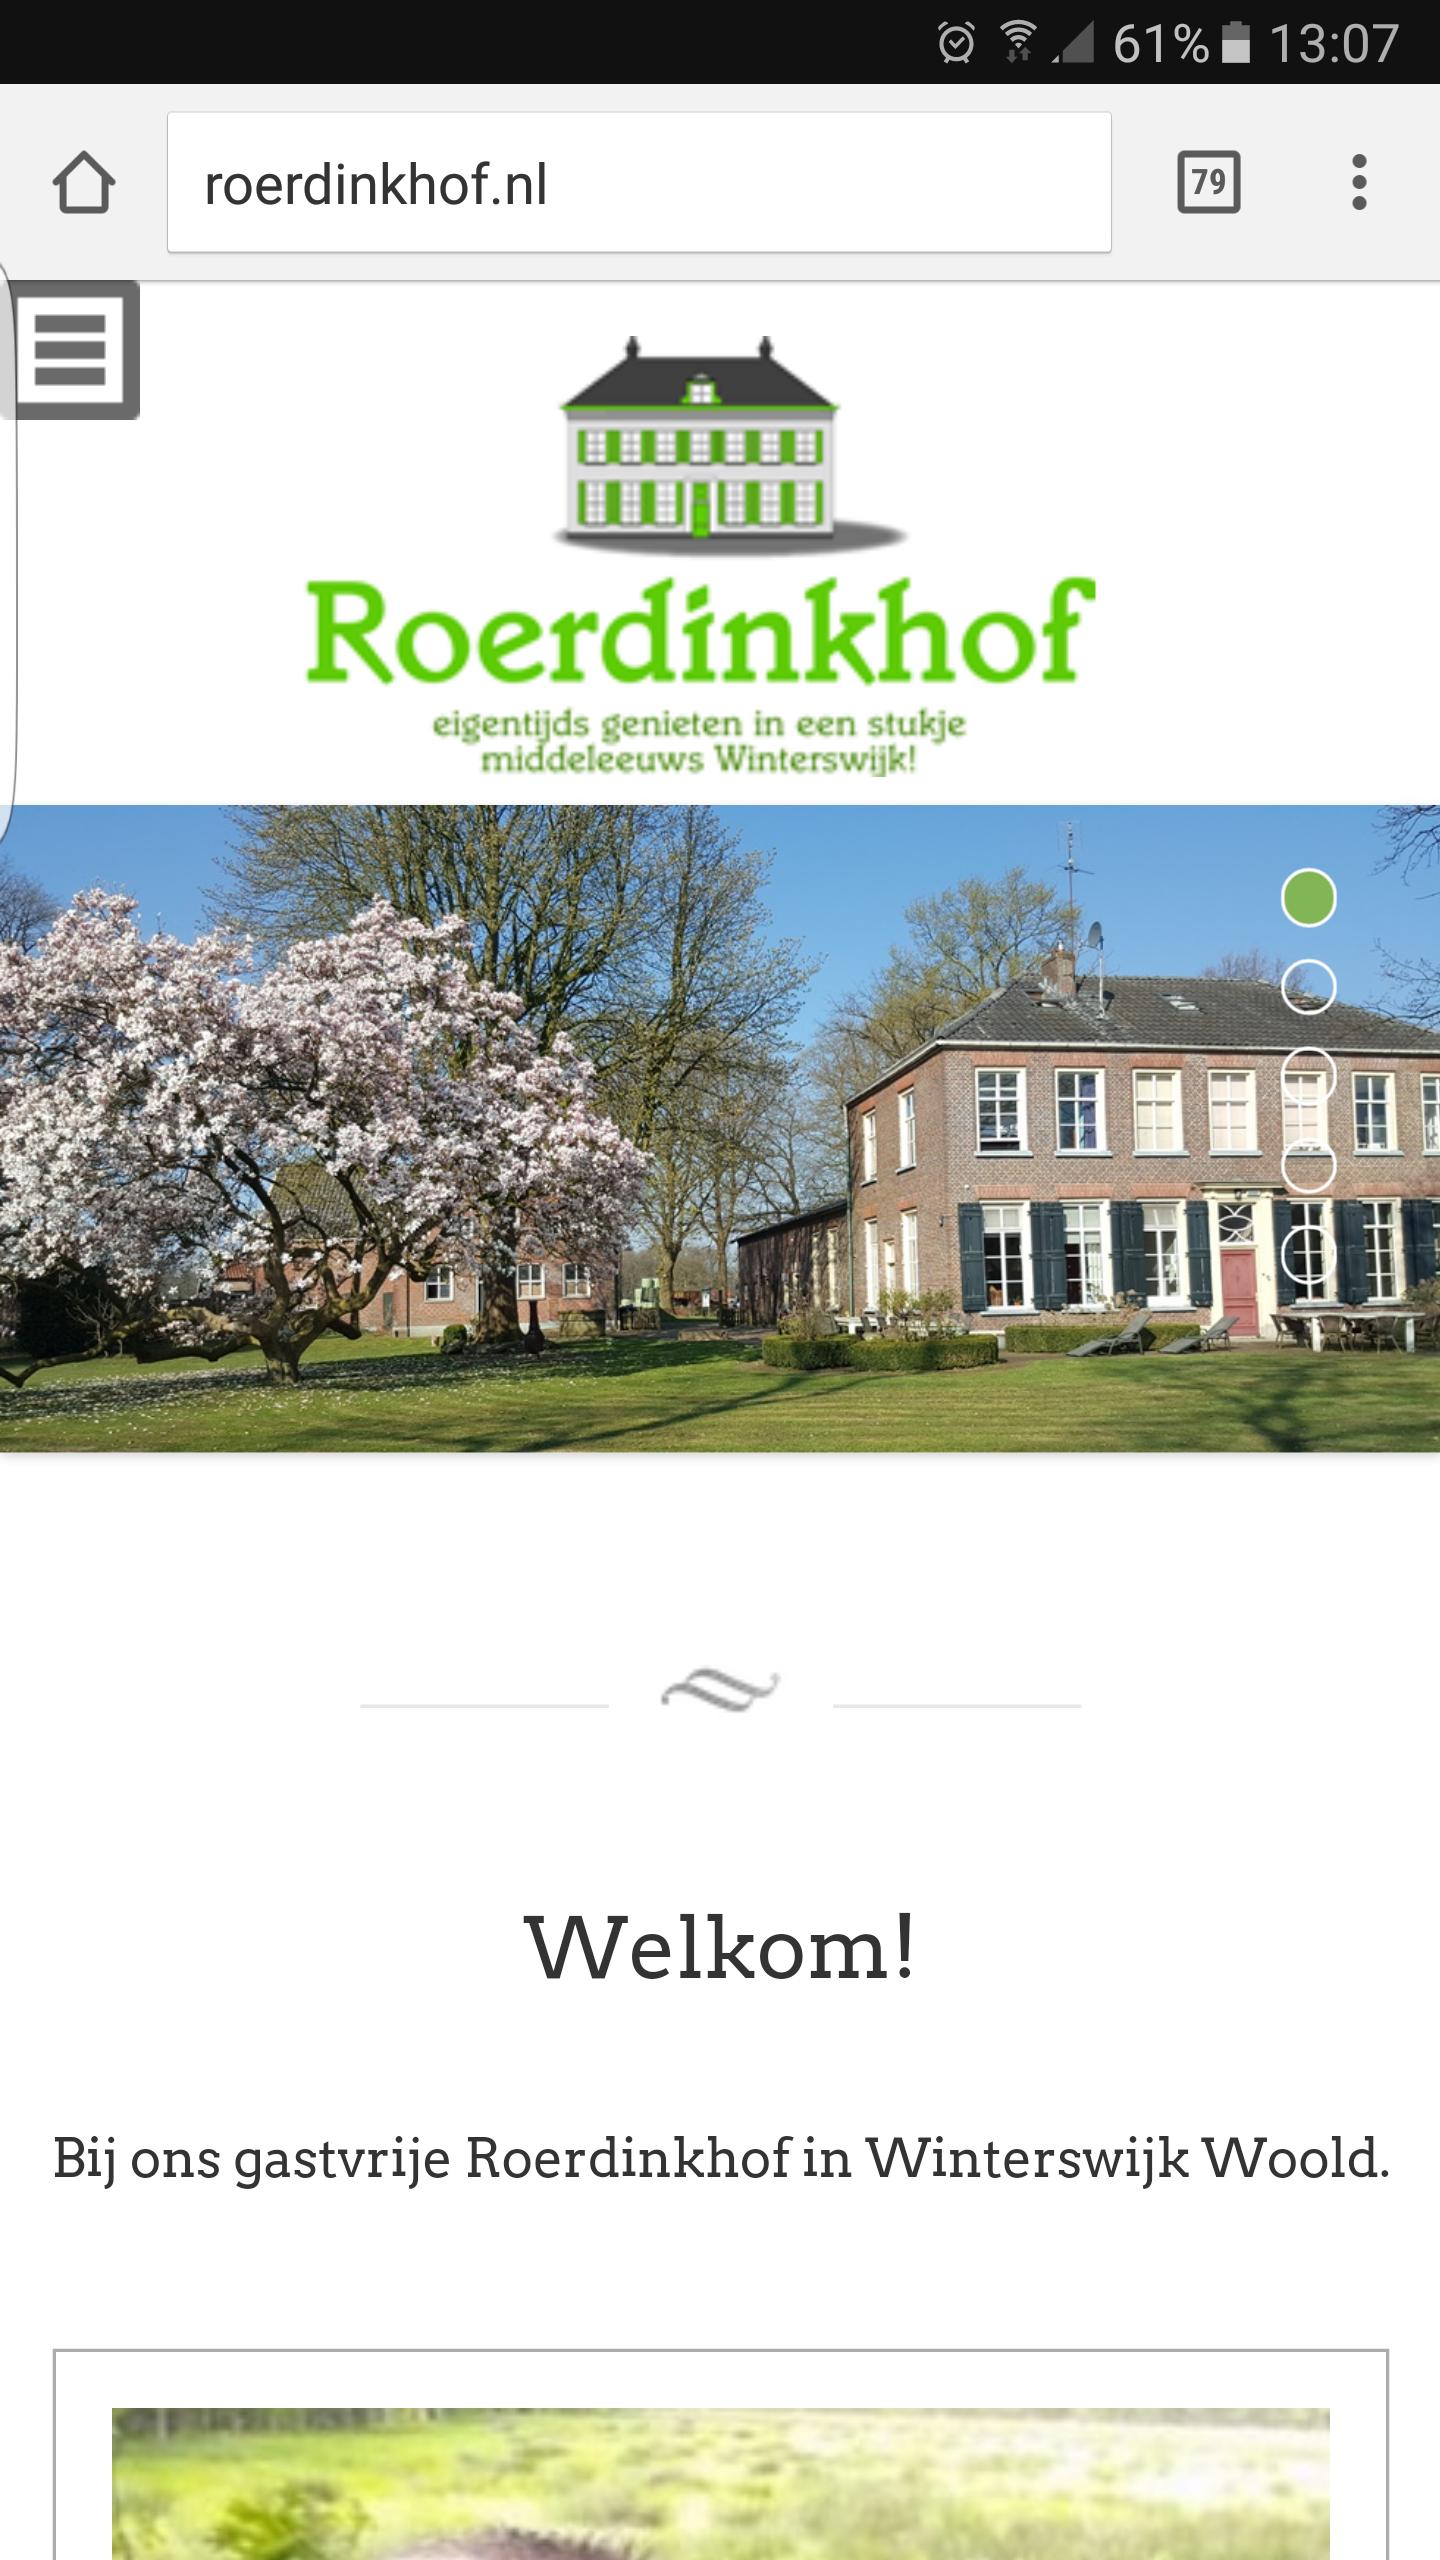 Roerdinkhof.nl